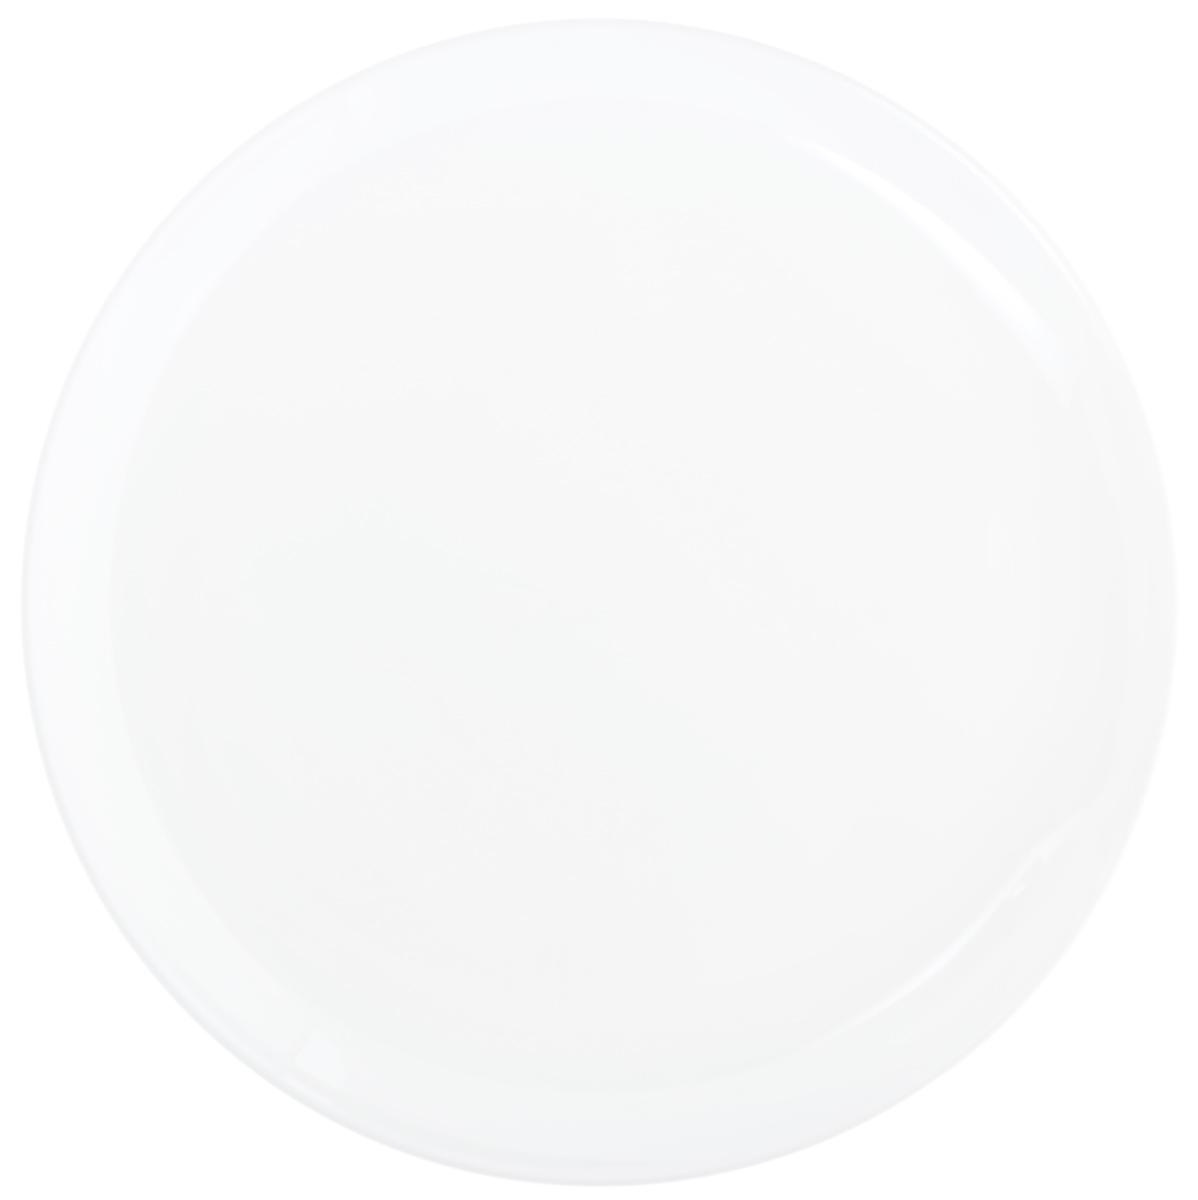 Тарелка обеденная Luminarc Diwali, диаметр 25 см тарелка обеденная luminarc green ode 25 см